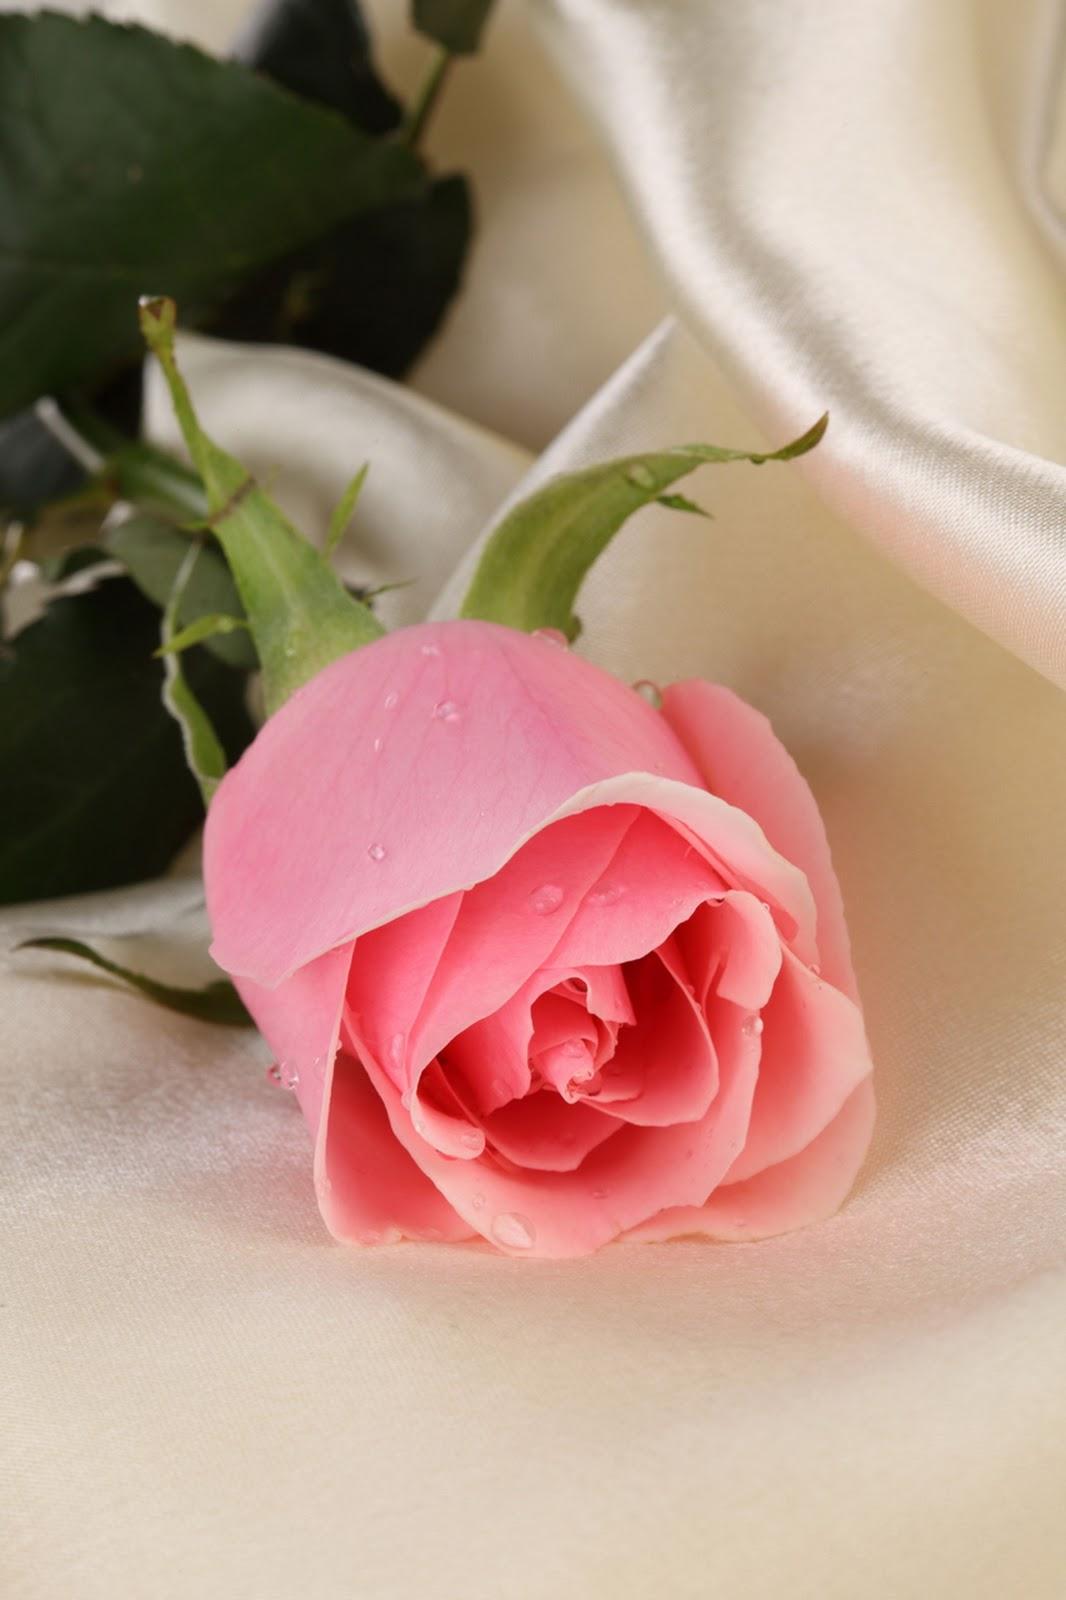 Foto Wallpaper Bunga Mawar Pink Bestpicture1 Org